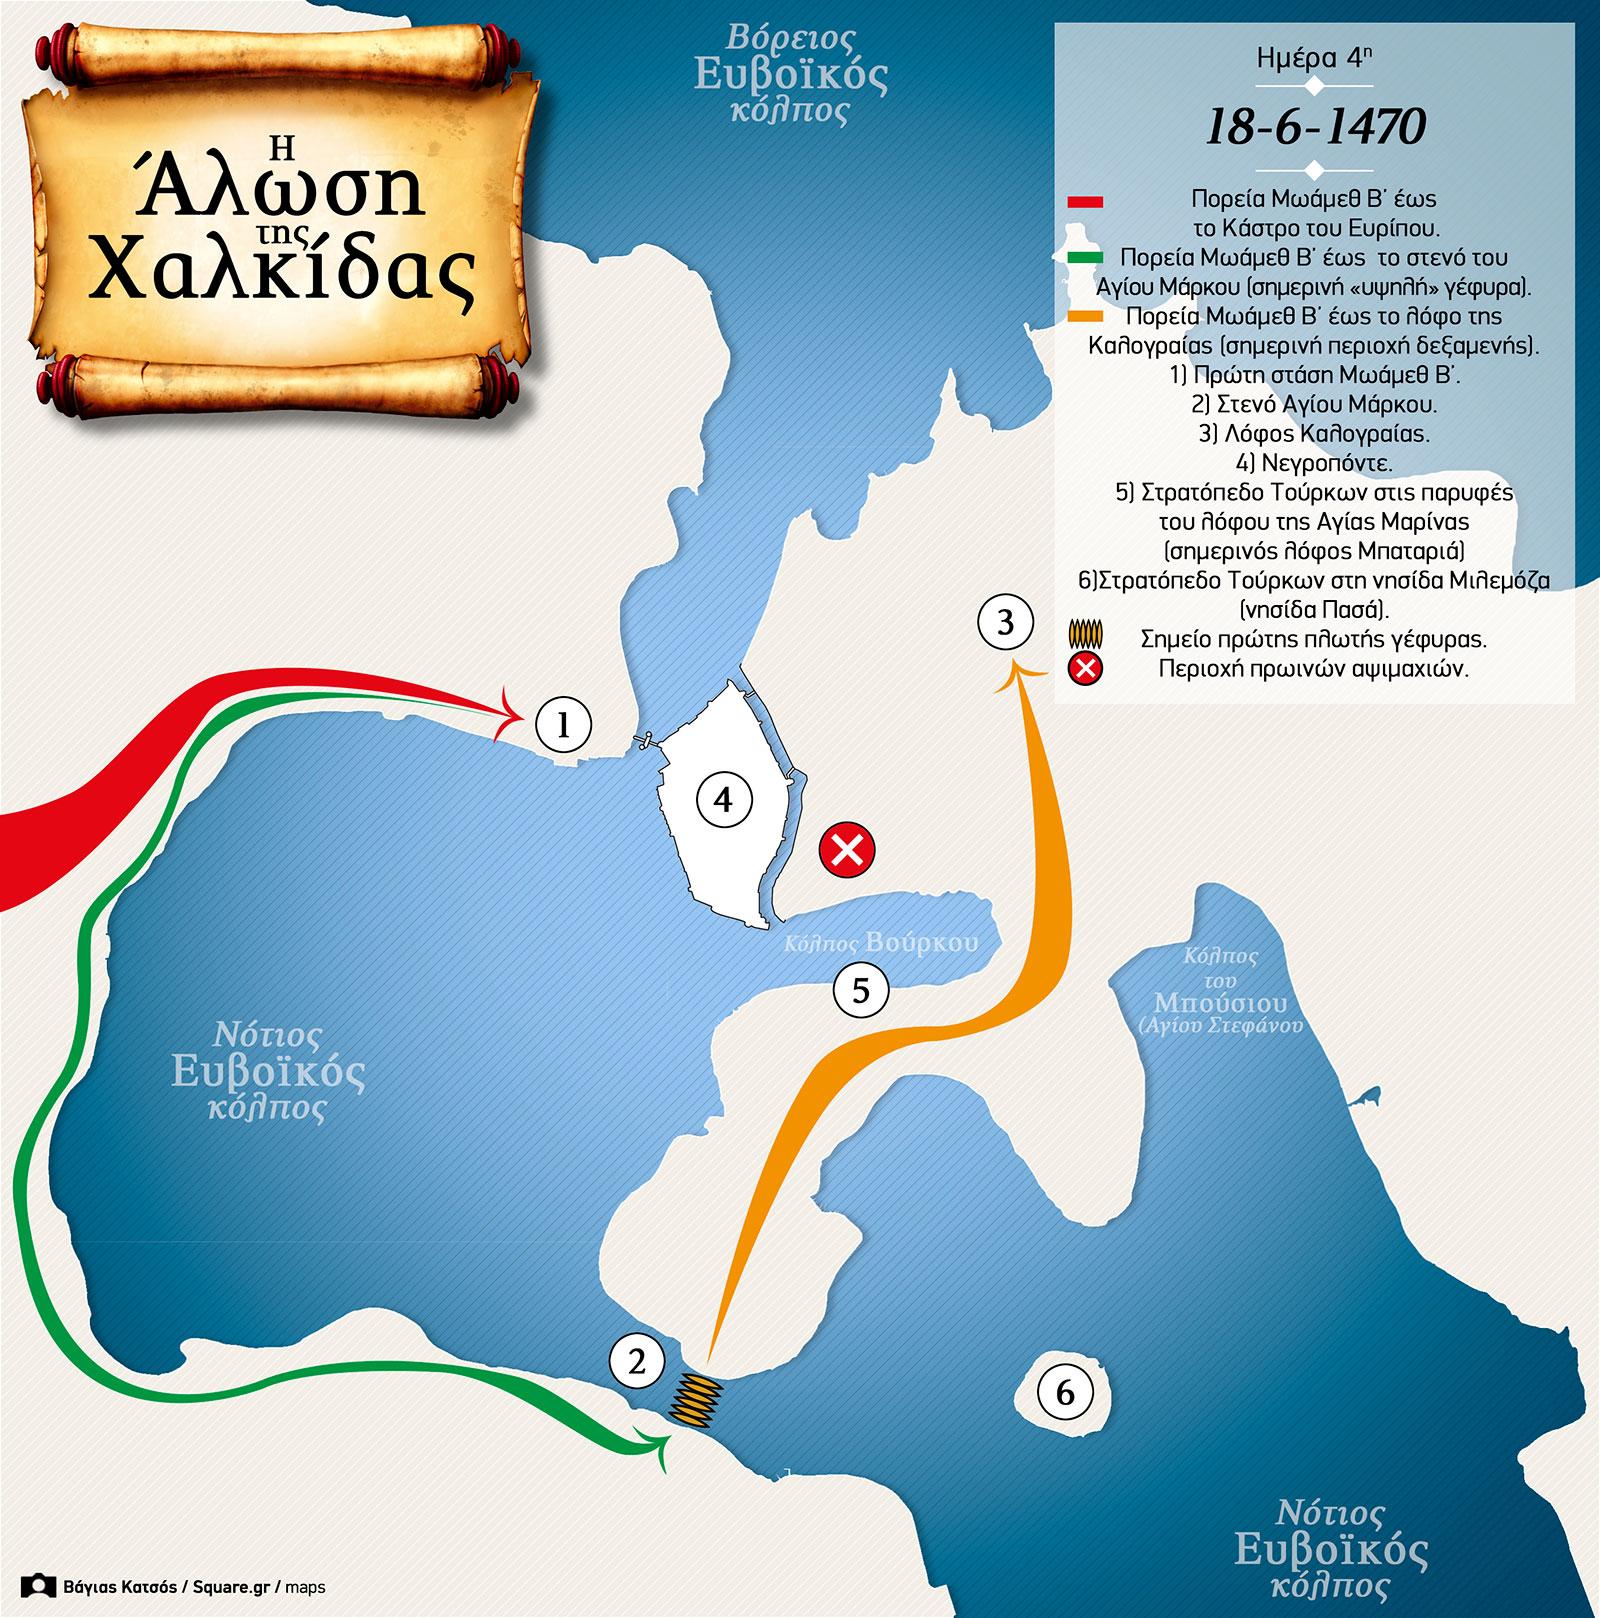 2-Χάρτης-η-άφιξη-του-Μωάμεθ-στη-Χαλκίδα-πολιορκία-του-Νεγροπόντε-και-η-άλωση-του-από-τους-Τούρκους-το-1470